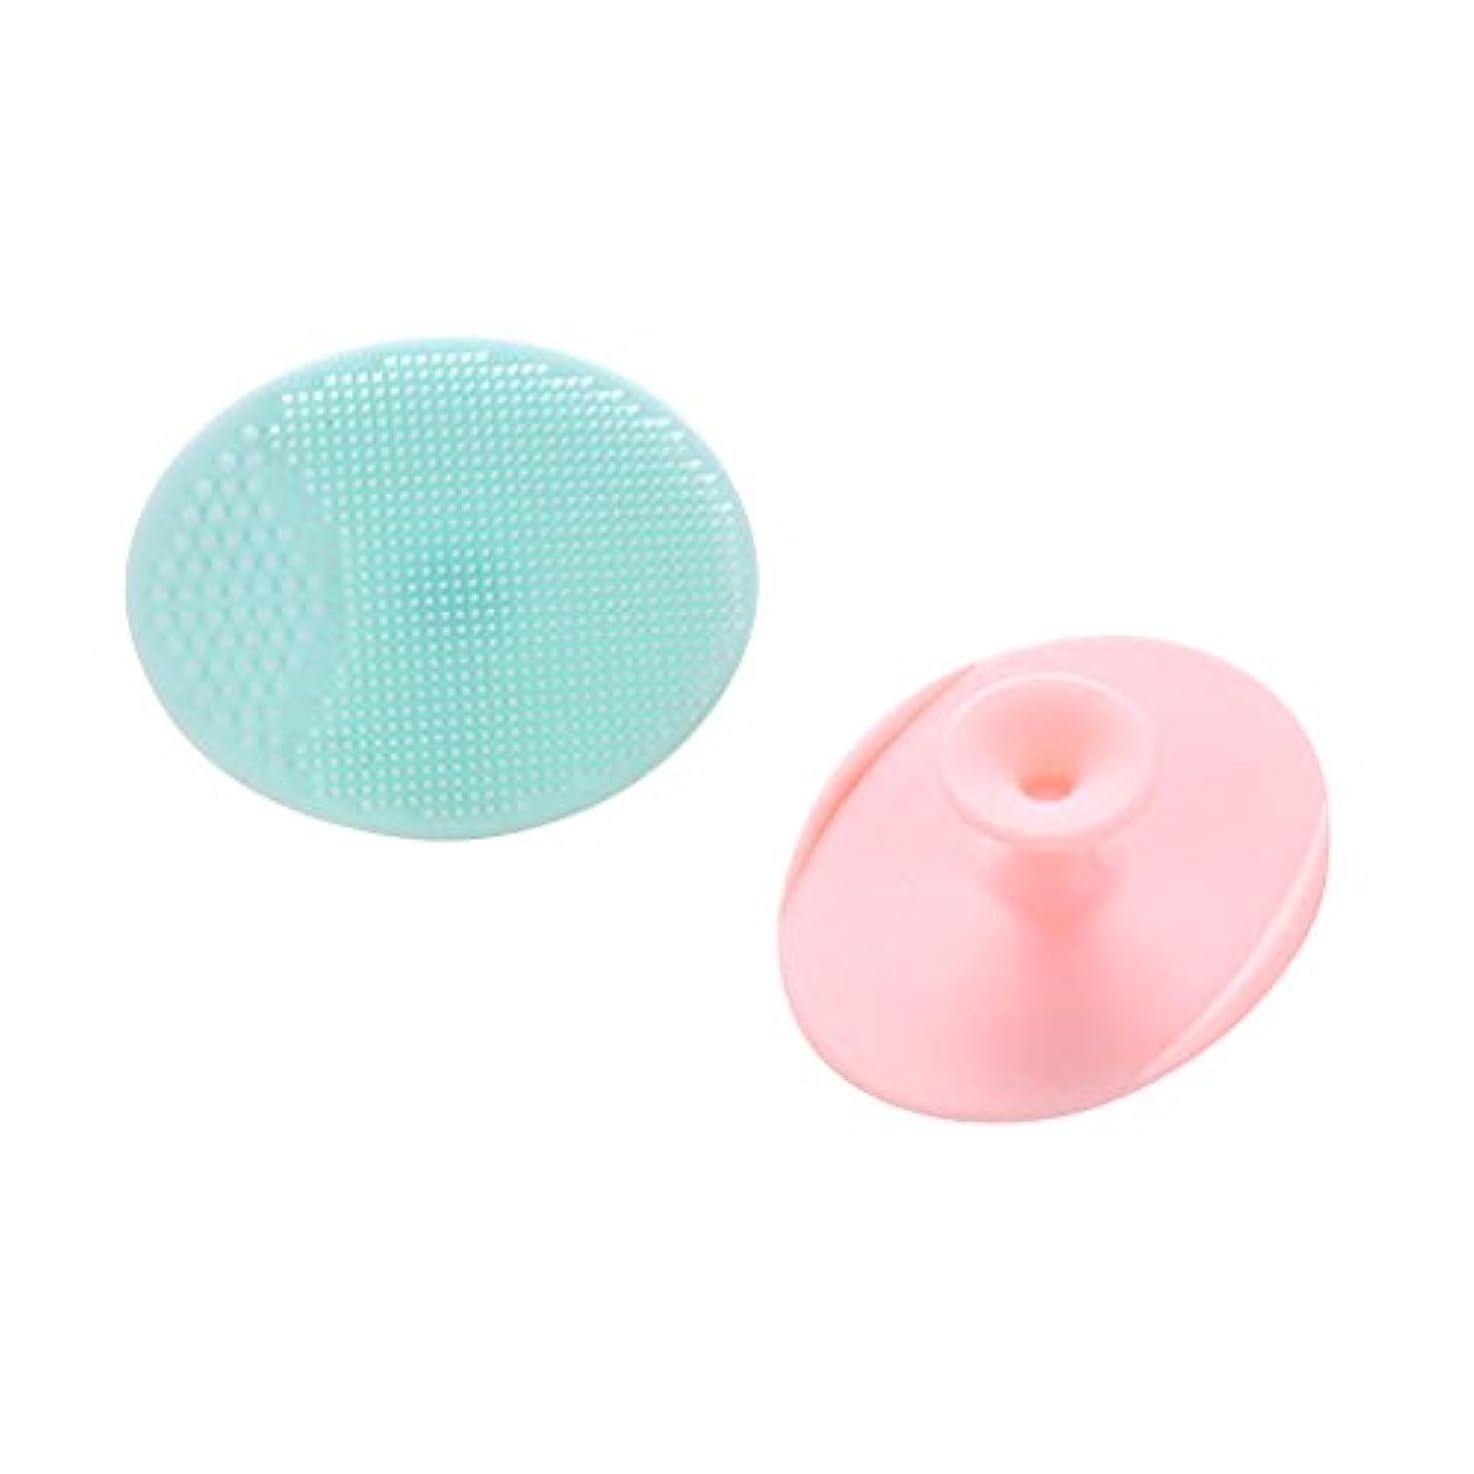 検索エンジン最適化飾るジャンプPerfk 2個 クレンジングブラシ マッサージャー 顔洗い メイクアップ スキンケア 快適 シリコン 吸盤付